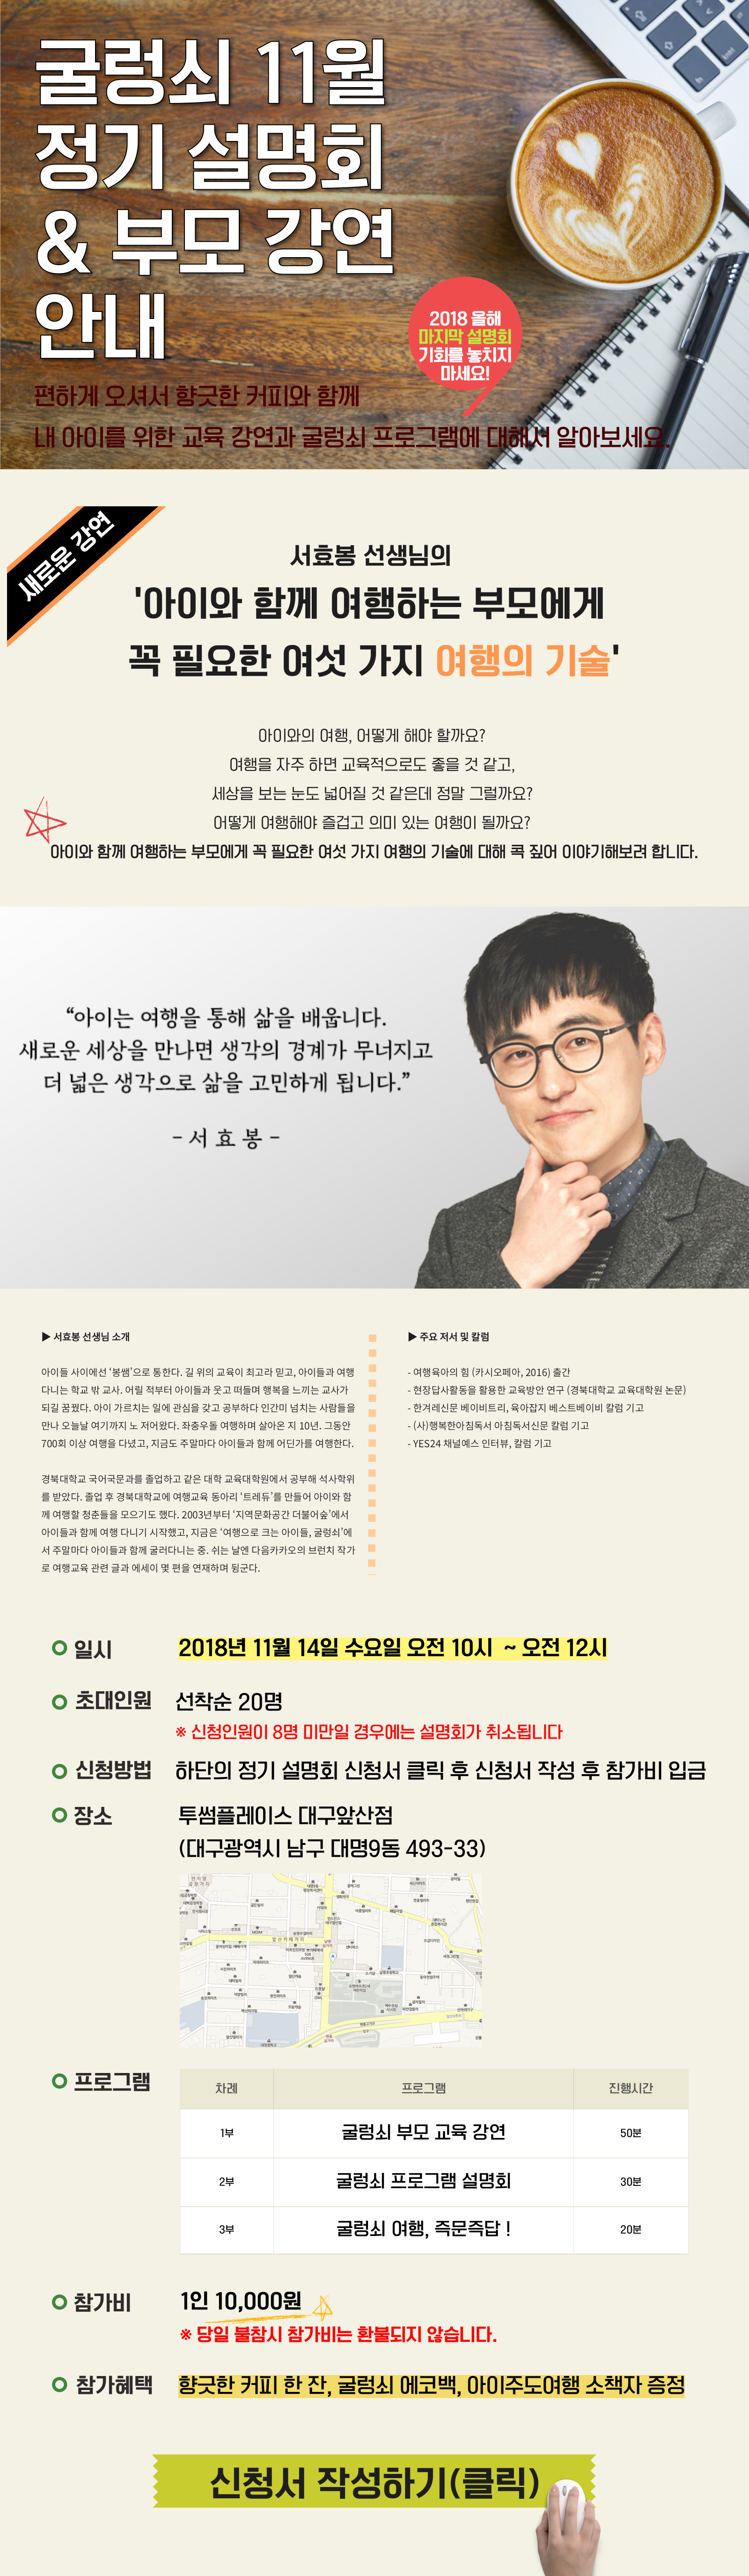 11월 정기설명회.png